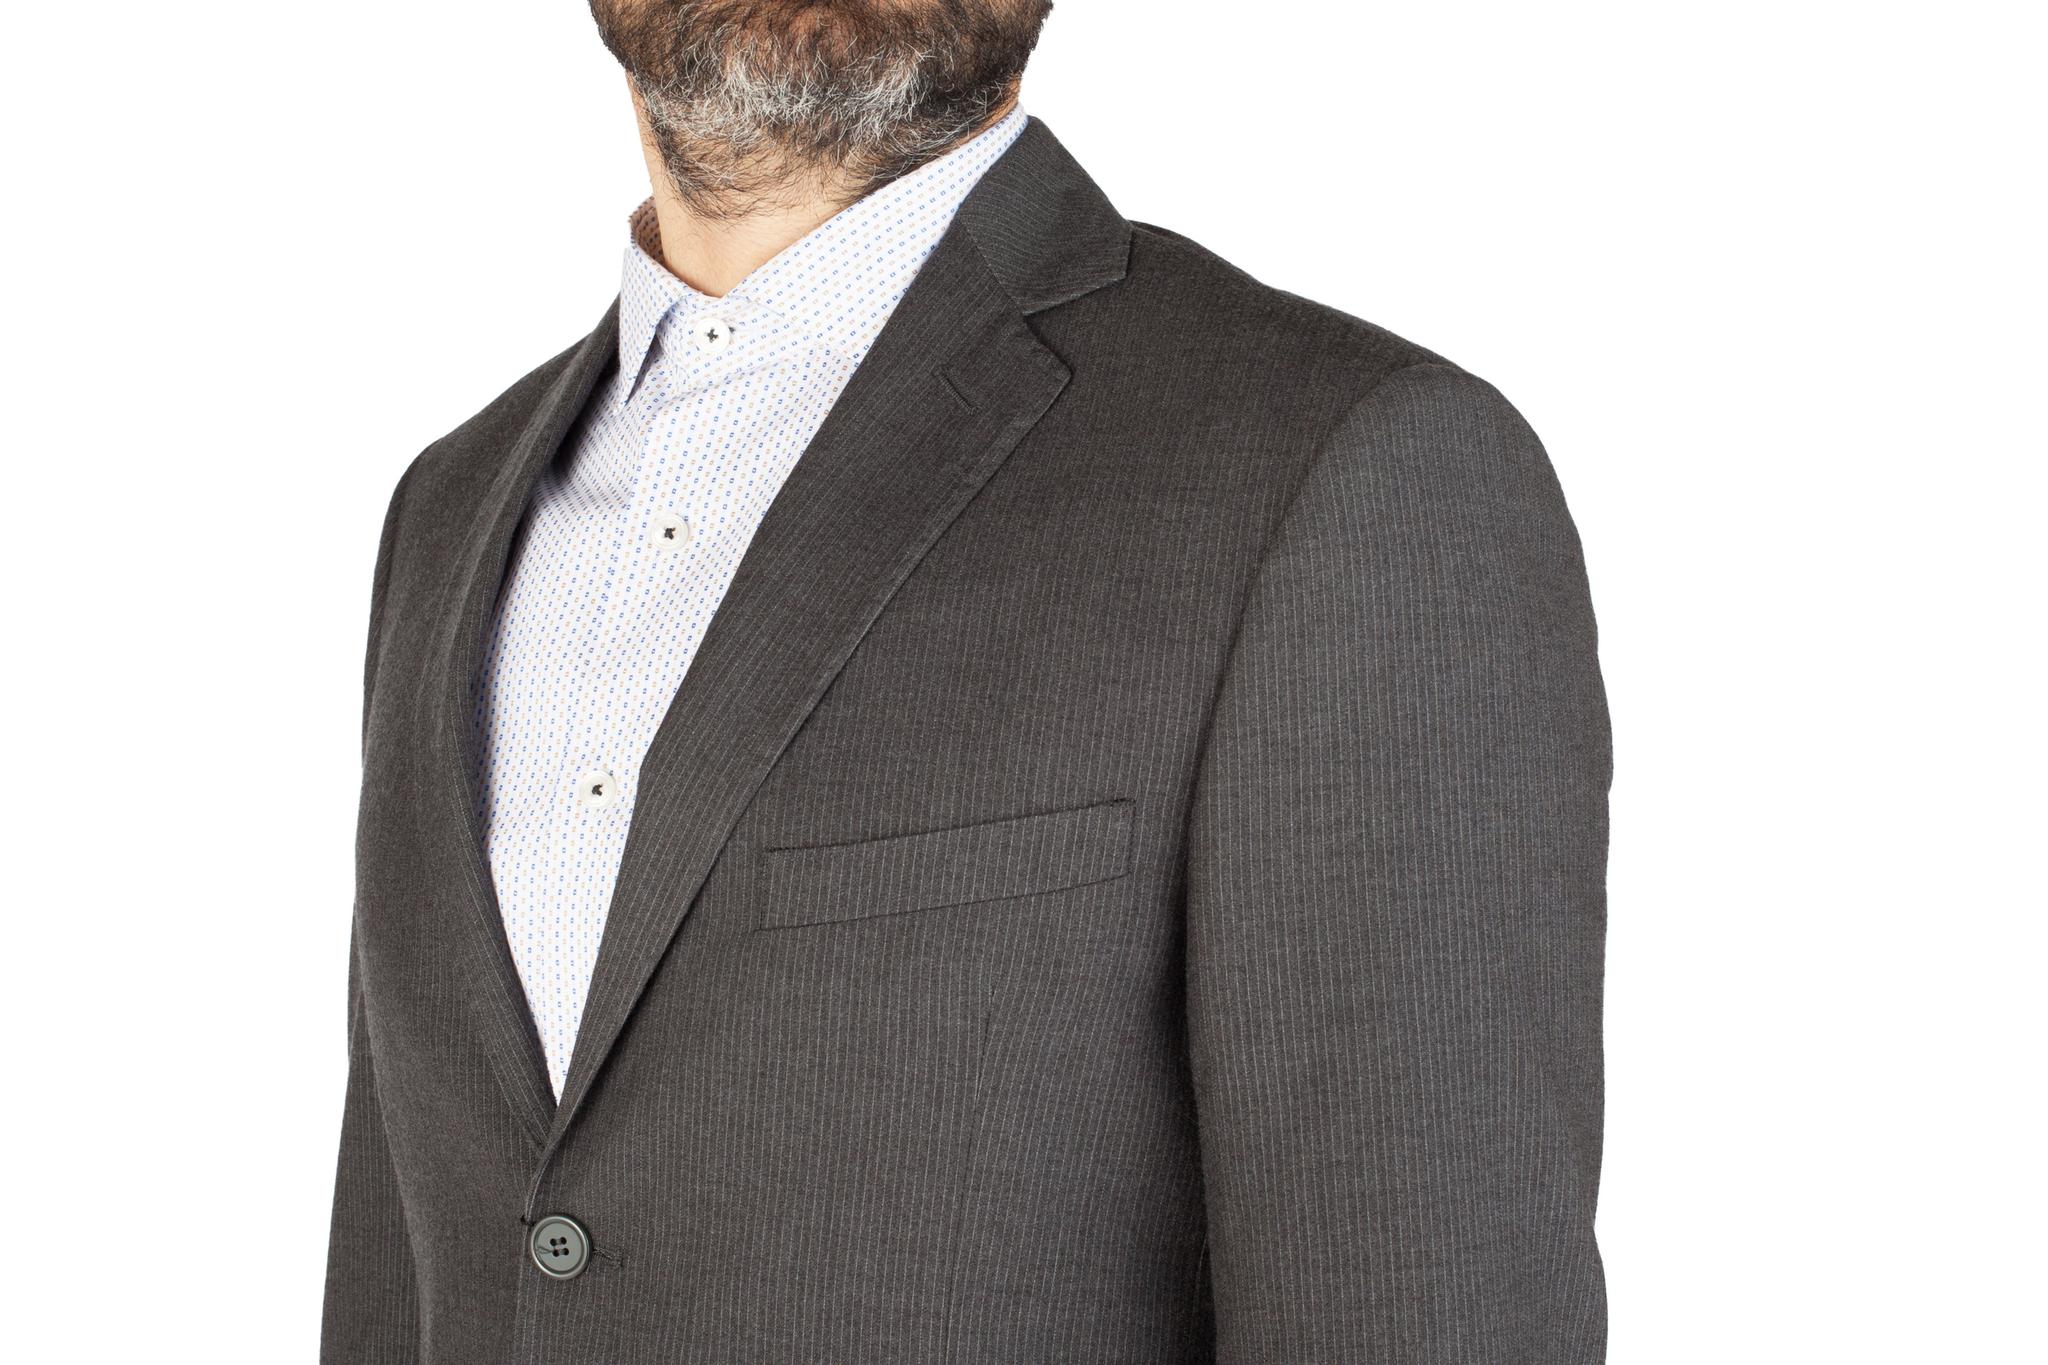 Серый костюм в тонкую полоску из 100%-ной шерсти, нагрудный карман